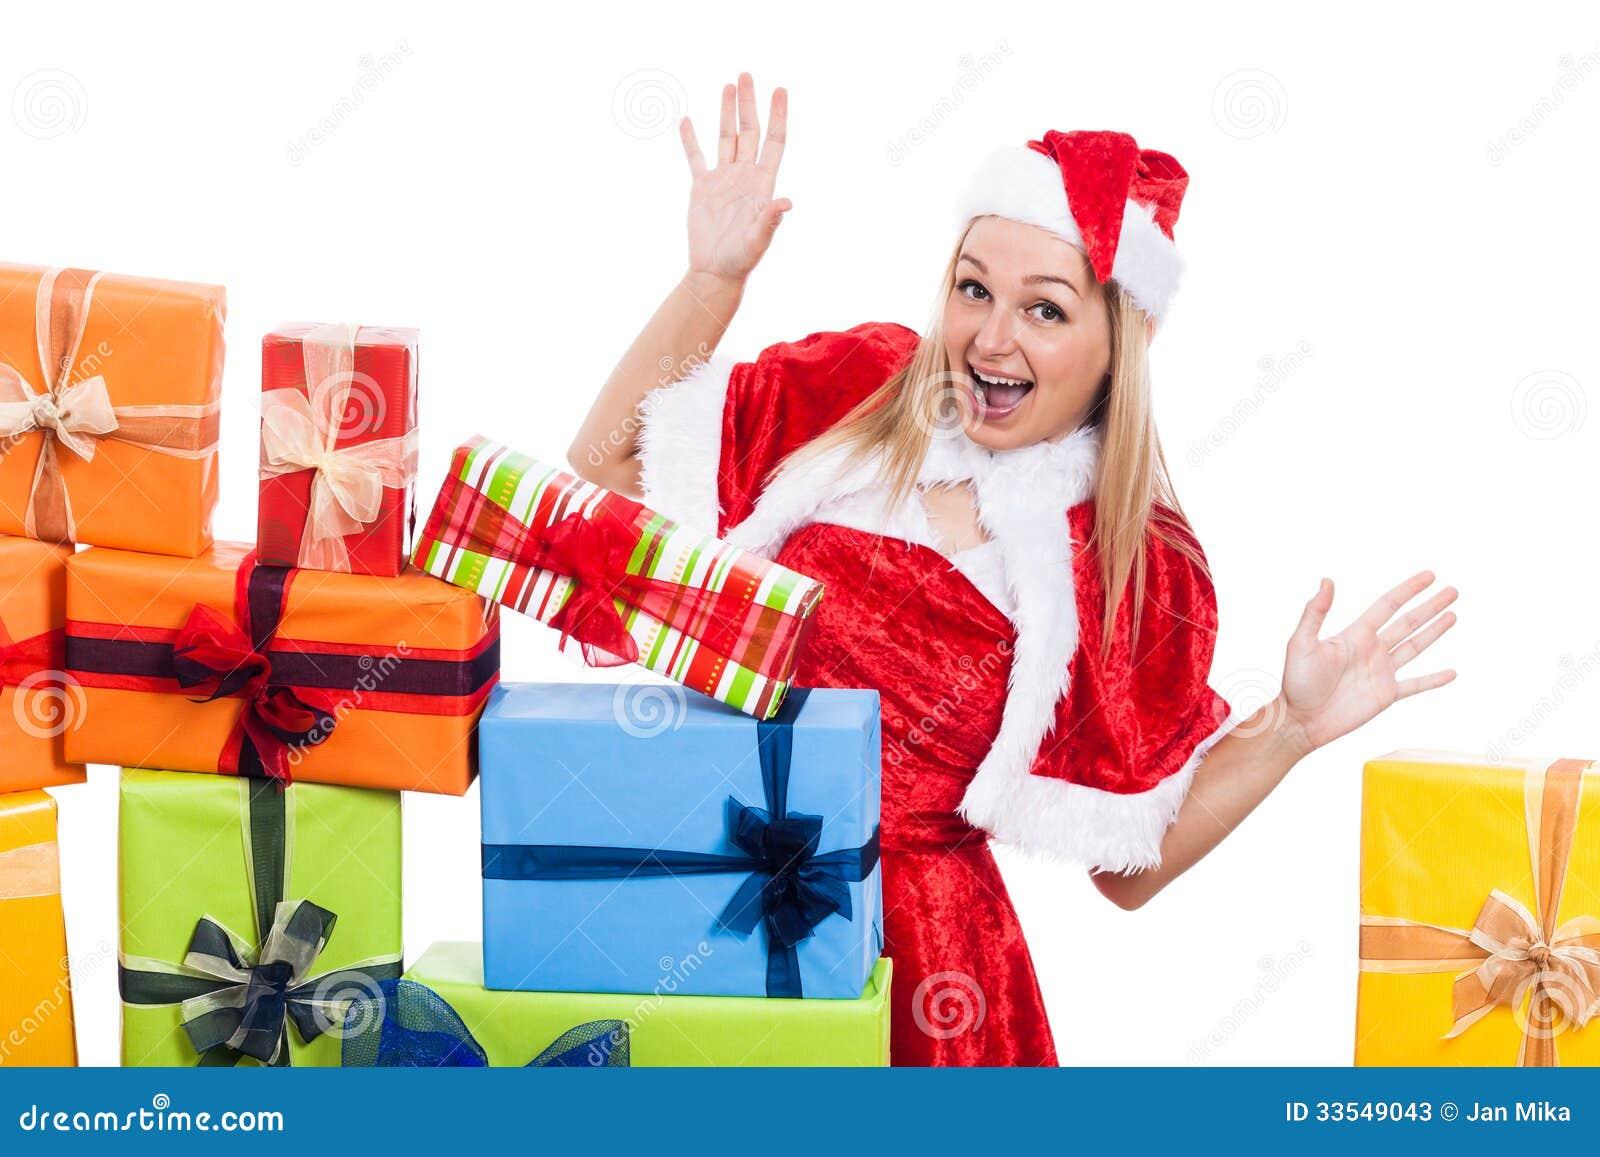 Herausgenommene Weihnachtsfrau mit Geschenken